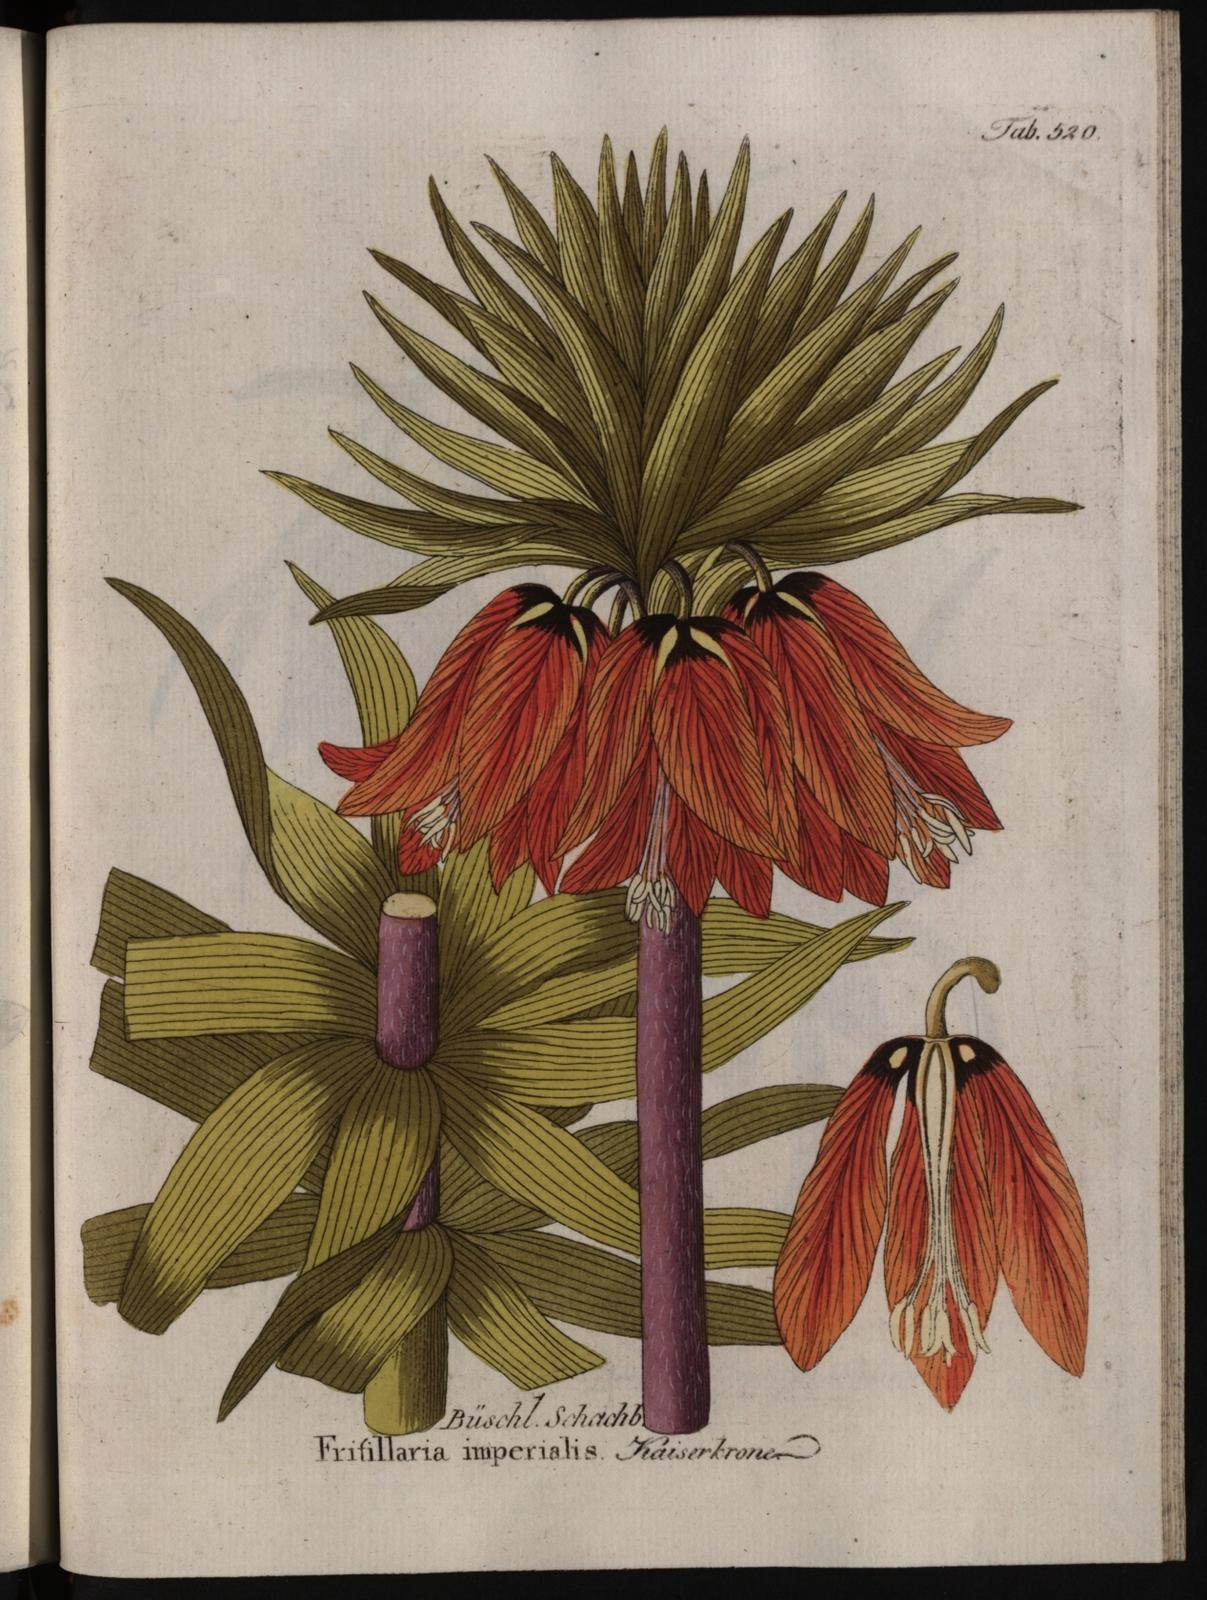 Abbildungen aller medizinisch-ökonomisch-technischen Gewächse, Band 6: Frifillaria imperialis.